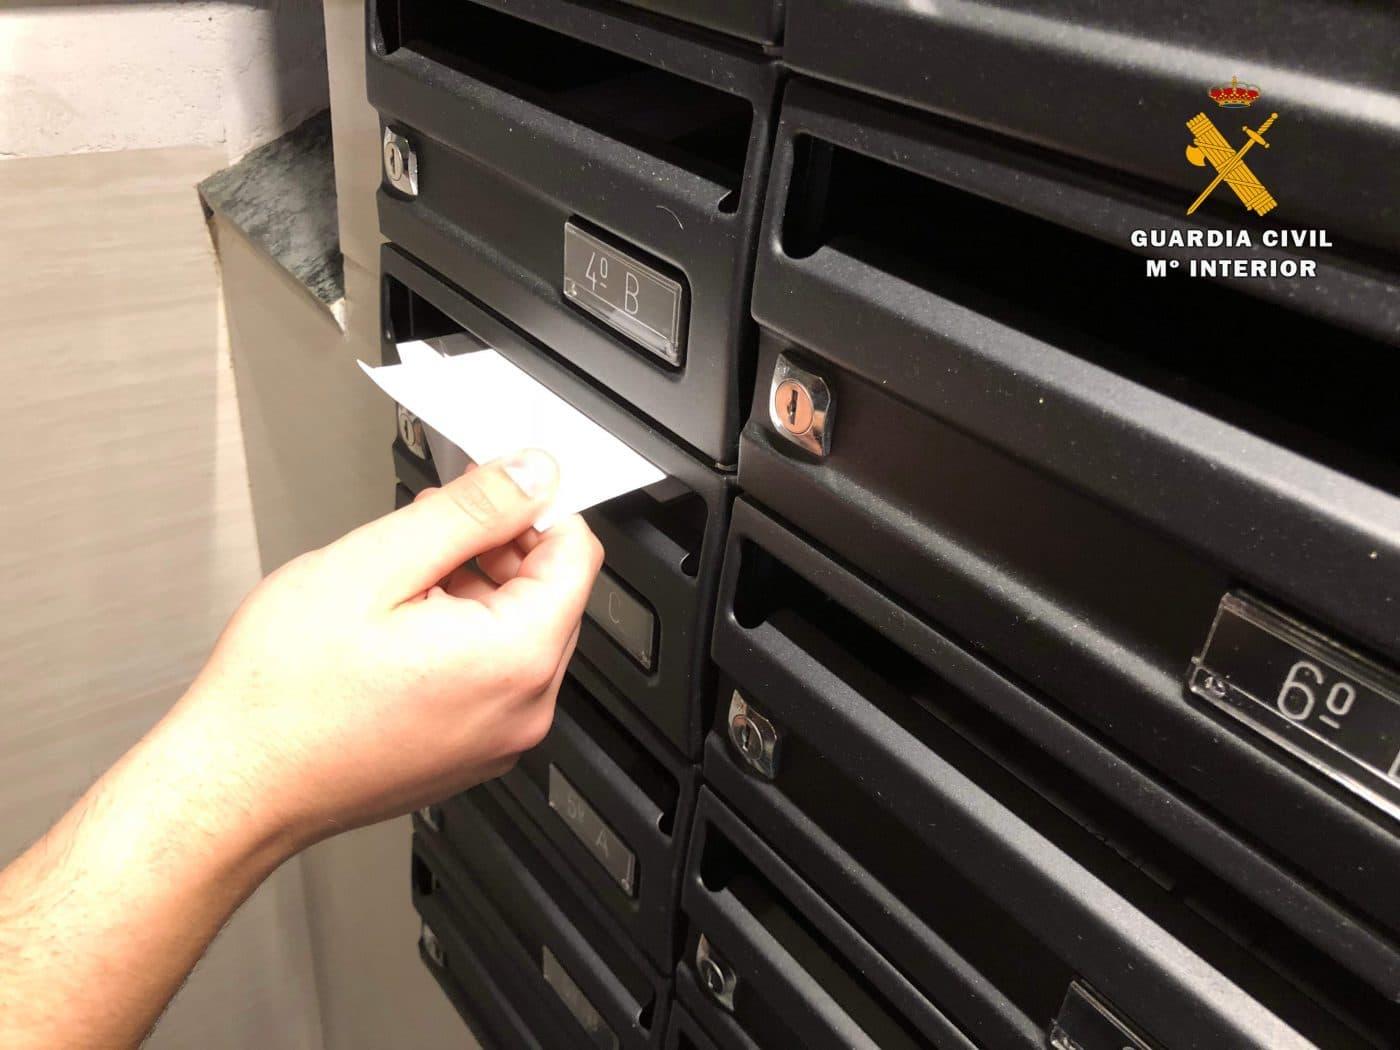 La Guardia Civil detiene a dos personas en Haro por sustraer la correspondencia de los buzones 2